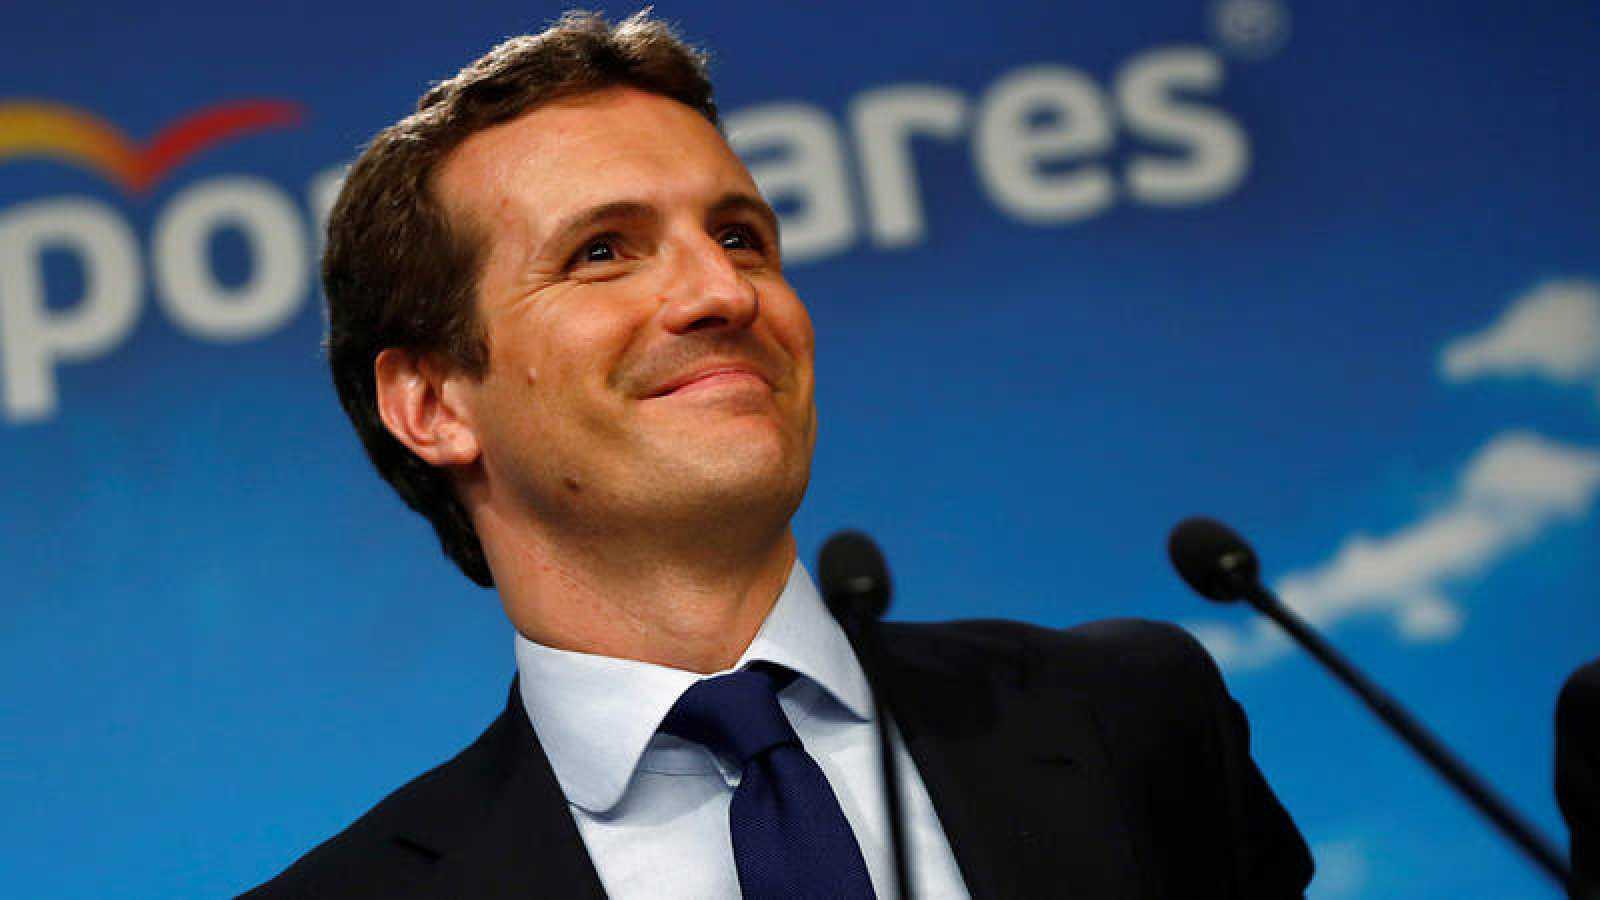 Pablo Casado, candidato del PP a las elecciones generales 2019. REUTERS/Juan Medina